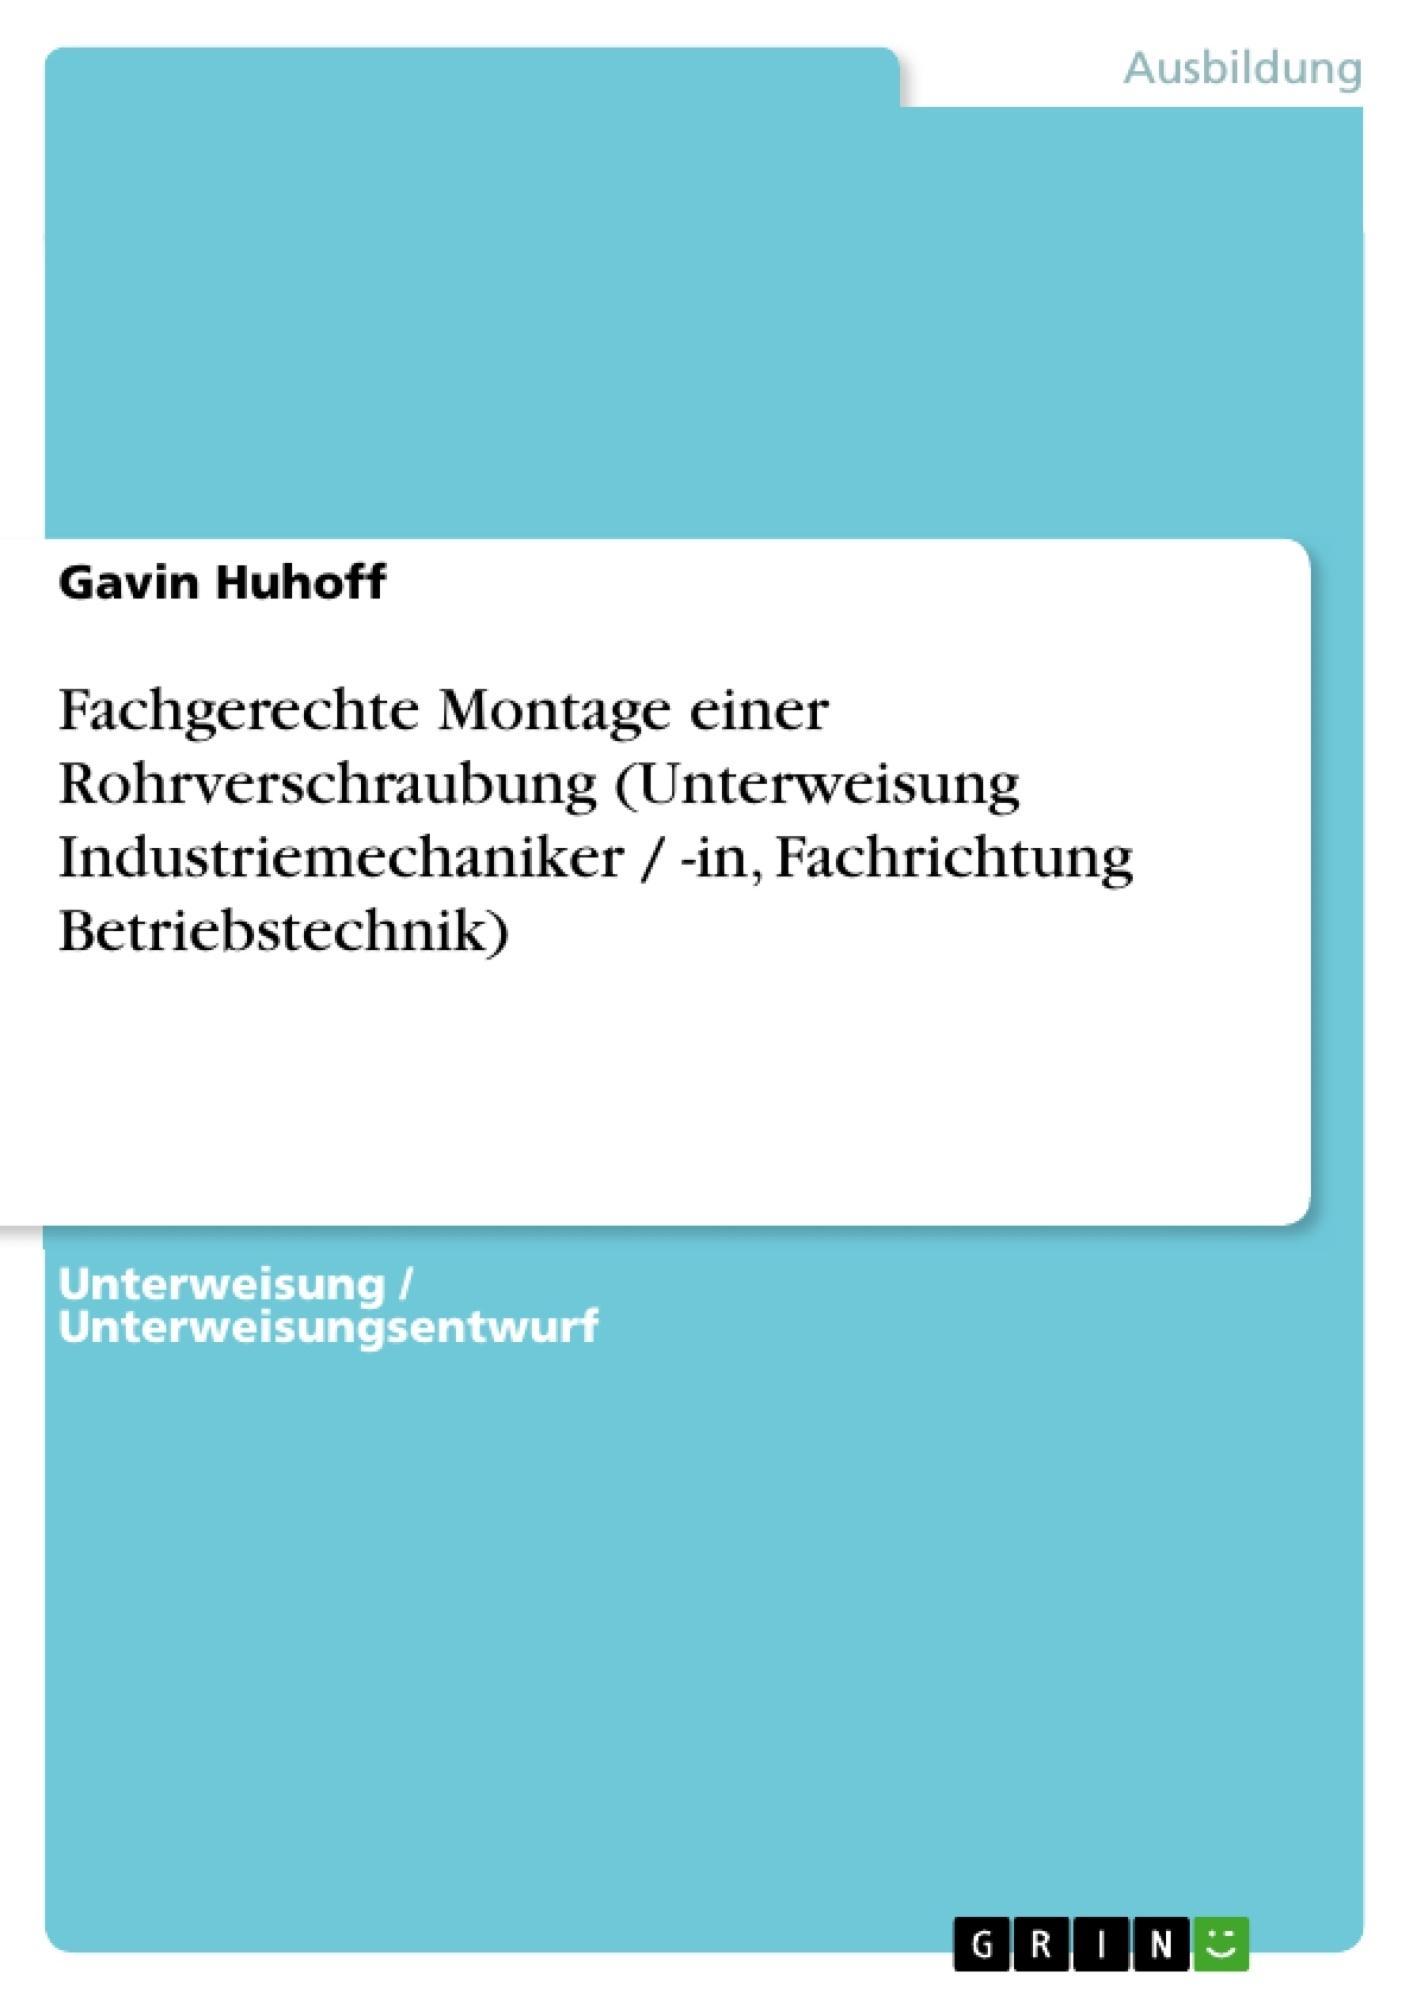 Titel: Fachgerechte Montage einer Rohrverschraubung (Unterweisung Industriemechaniker / -in, Fachrichtung Betriebstechnik)